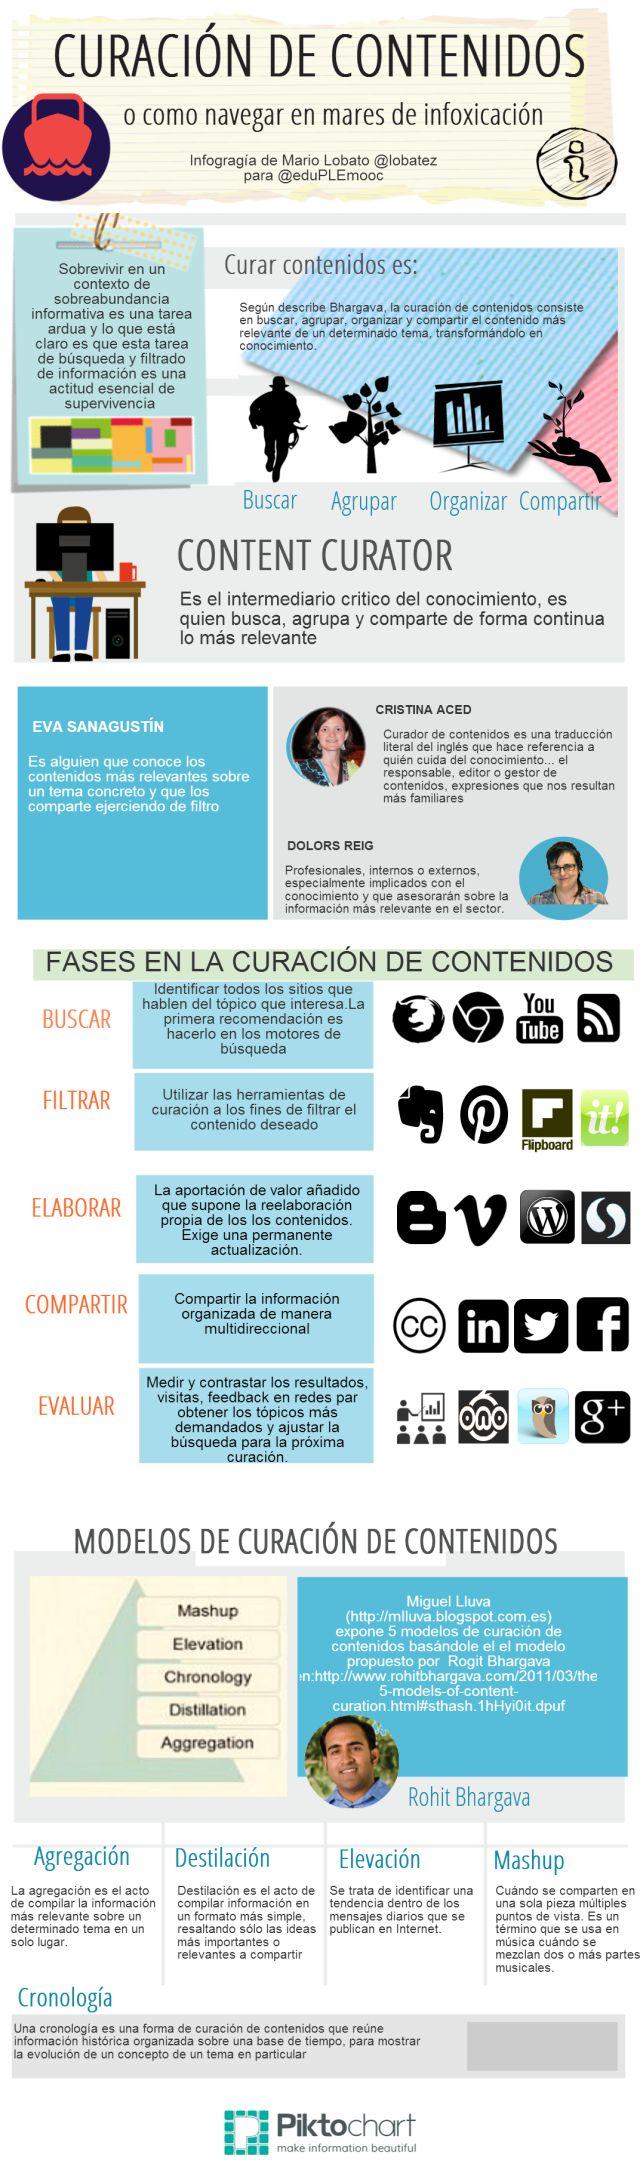 Curación de contenidos: no te ahogues en mares de infoxicación. Infografía en español. #CommunityManager